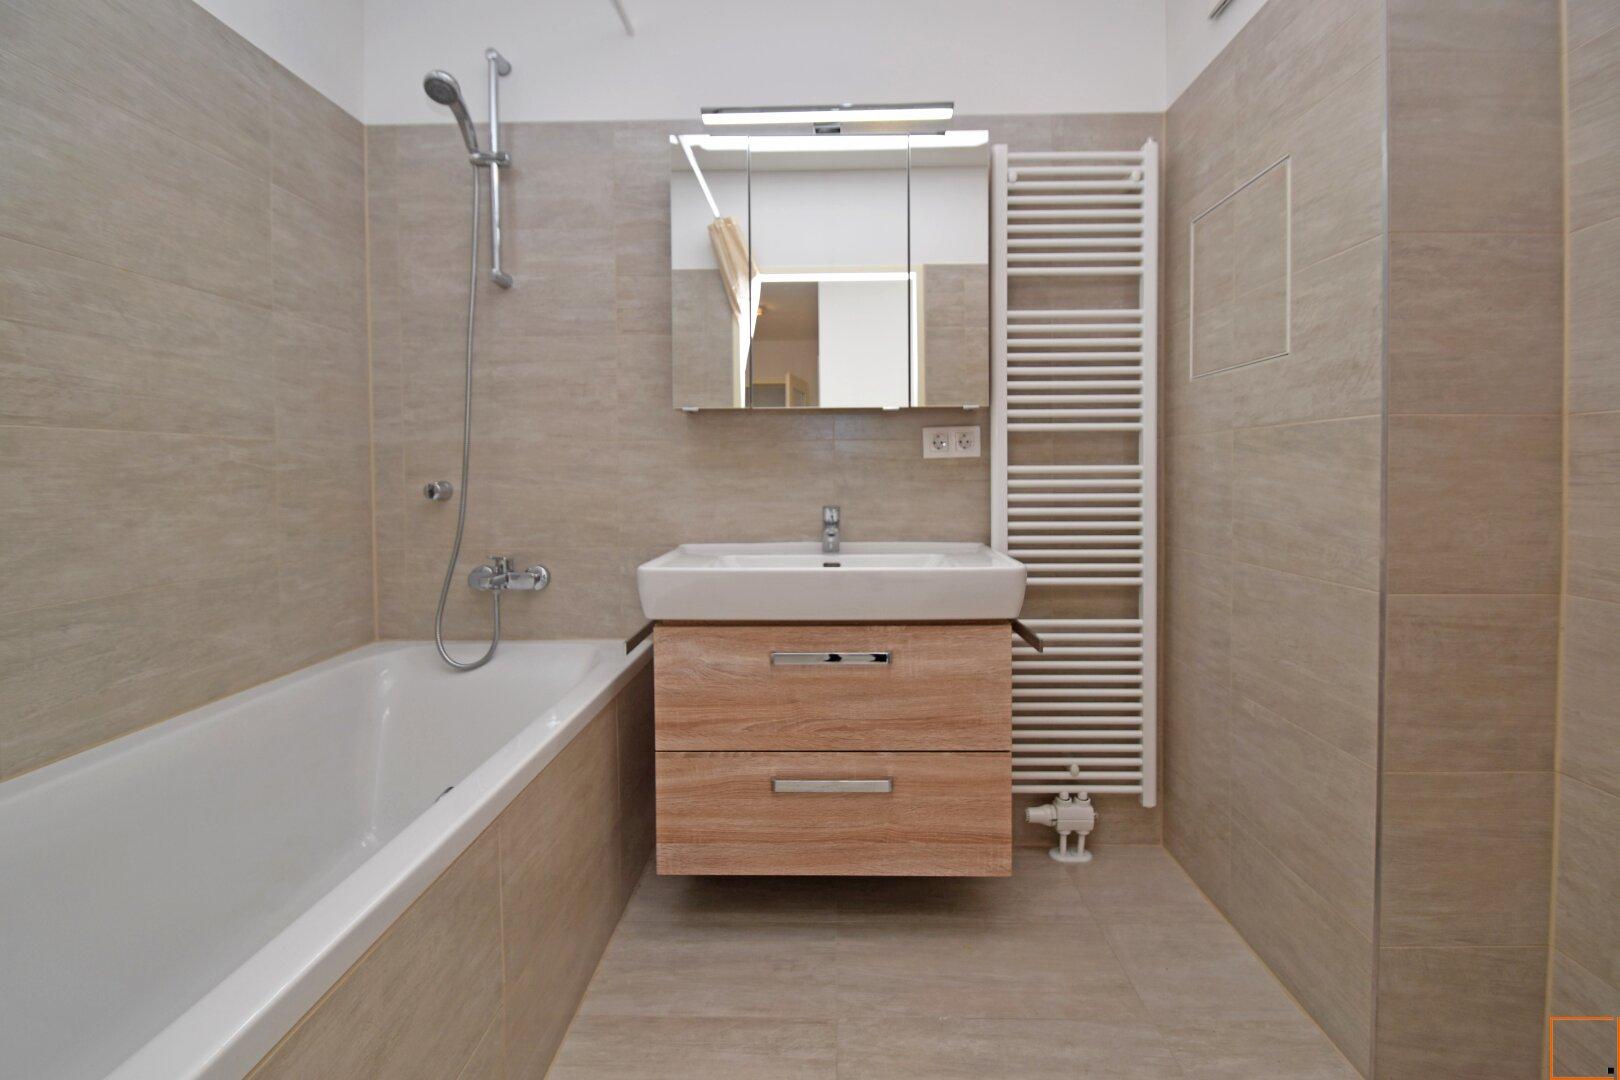 Badezimmer 4,46 m²